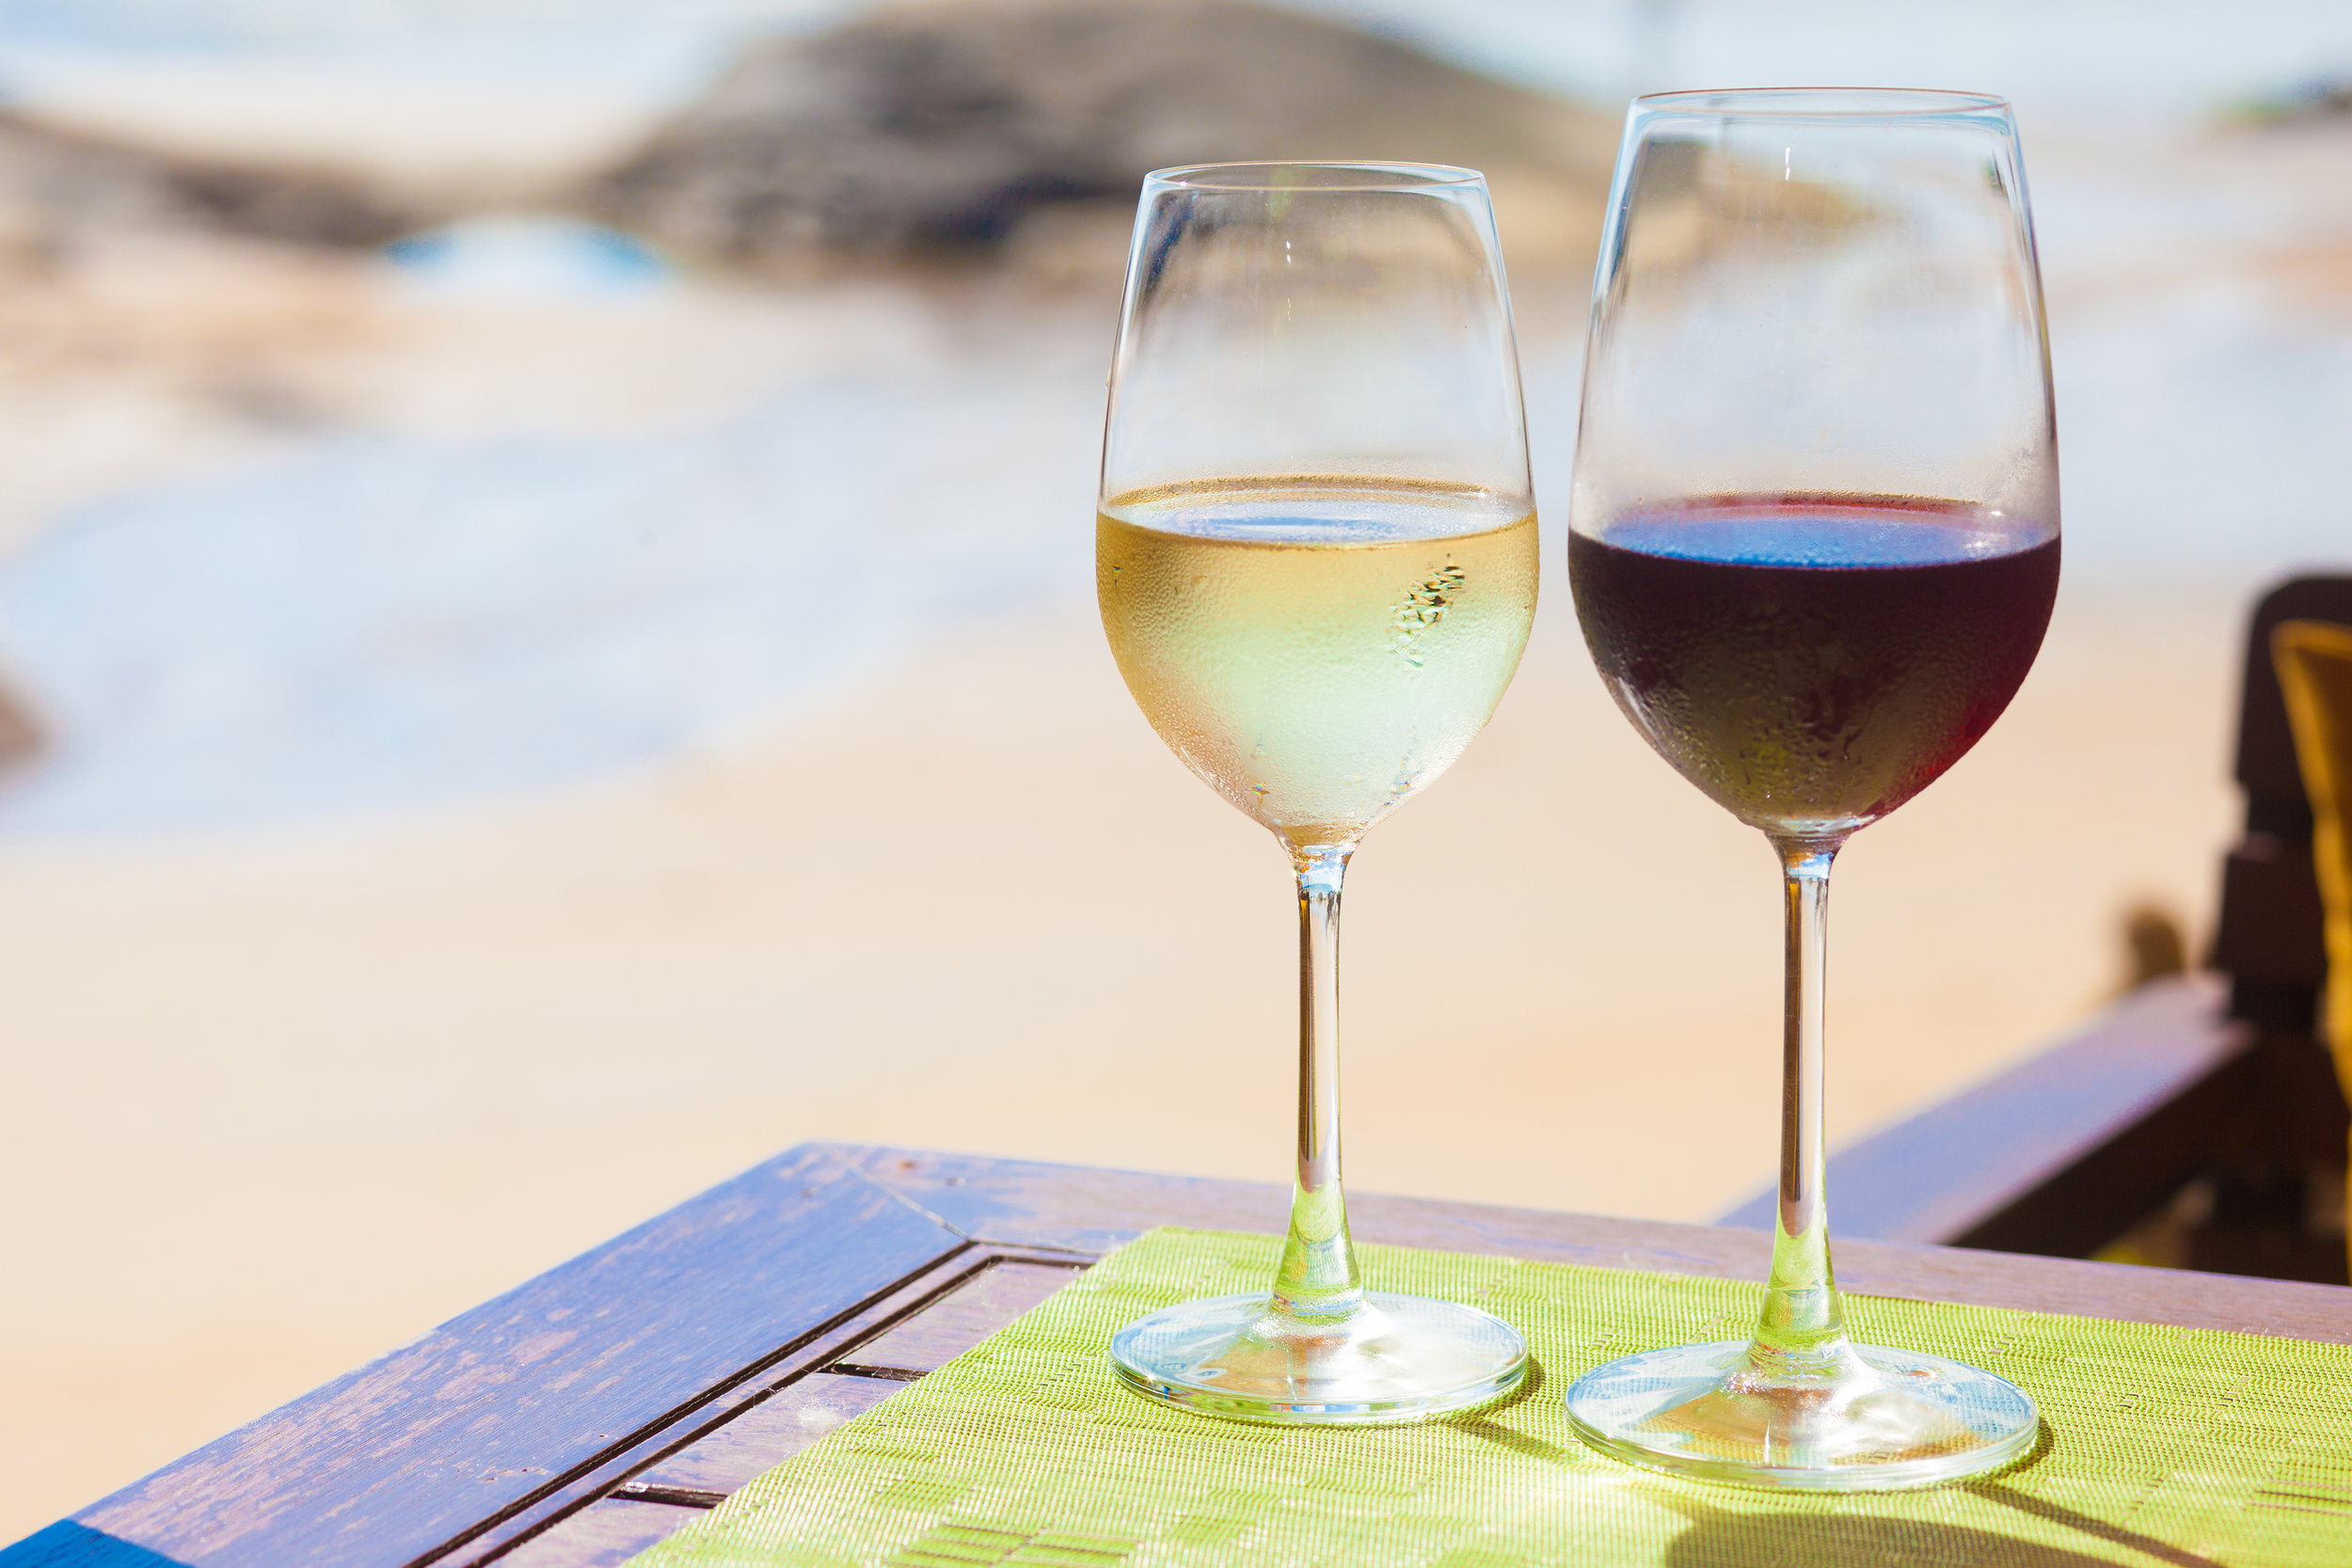 winebeachhoriz.jpg